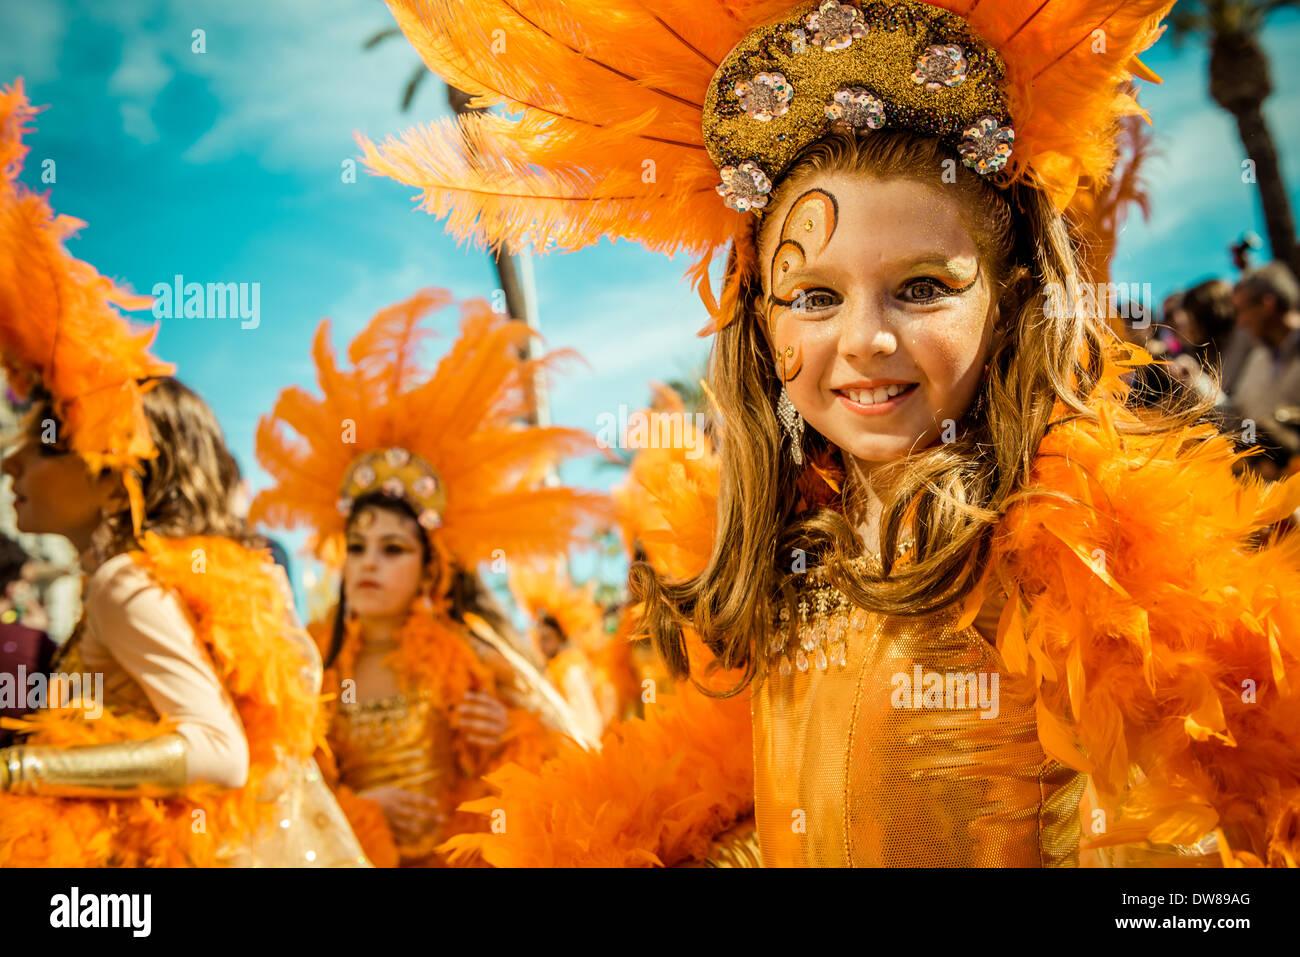 Sitges, Espanha. Março de 2ª, 2014: Crianças foliões dançar durante o Domingo desfile das Imagens de Stock